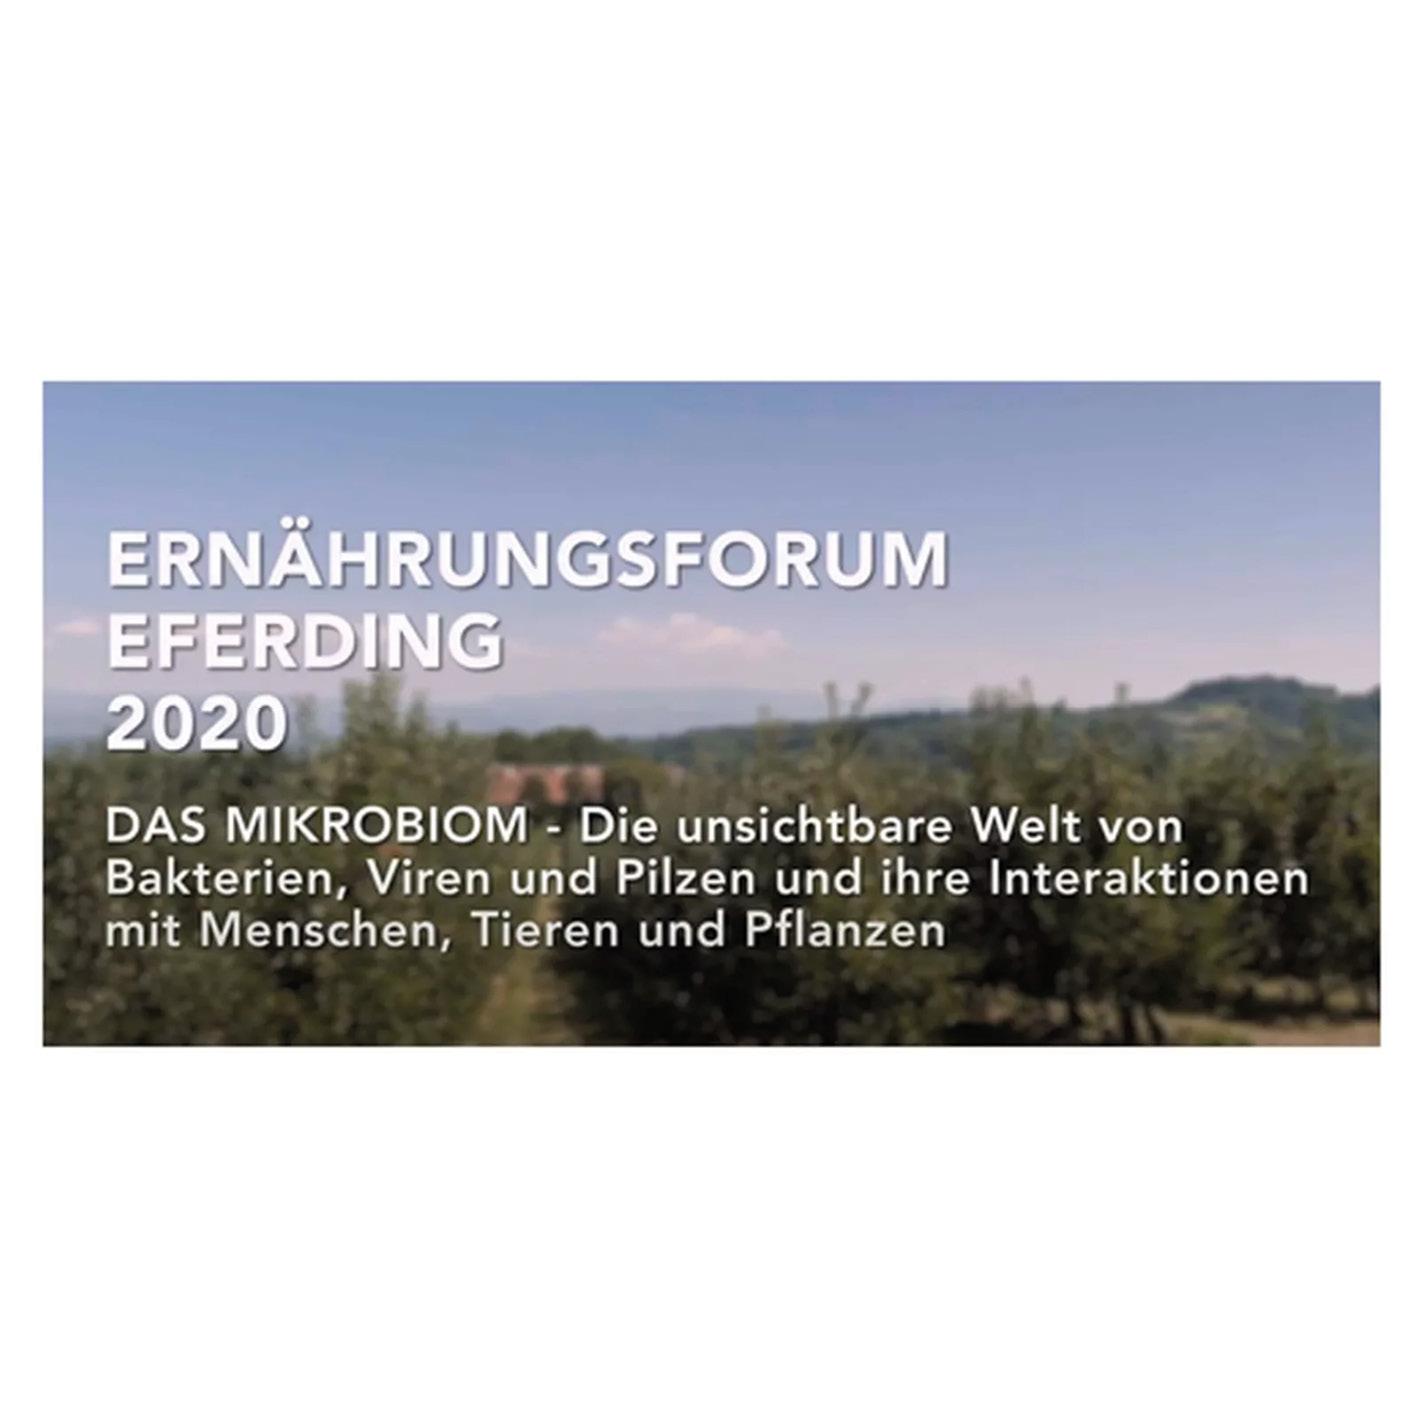 Eferdinger Ernährungsforum 2020